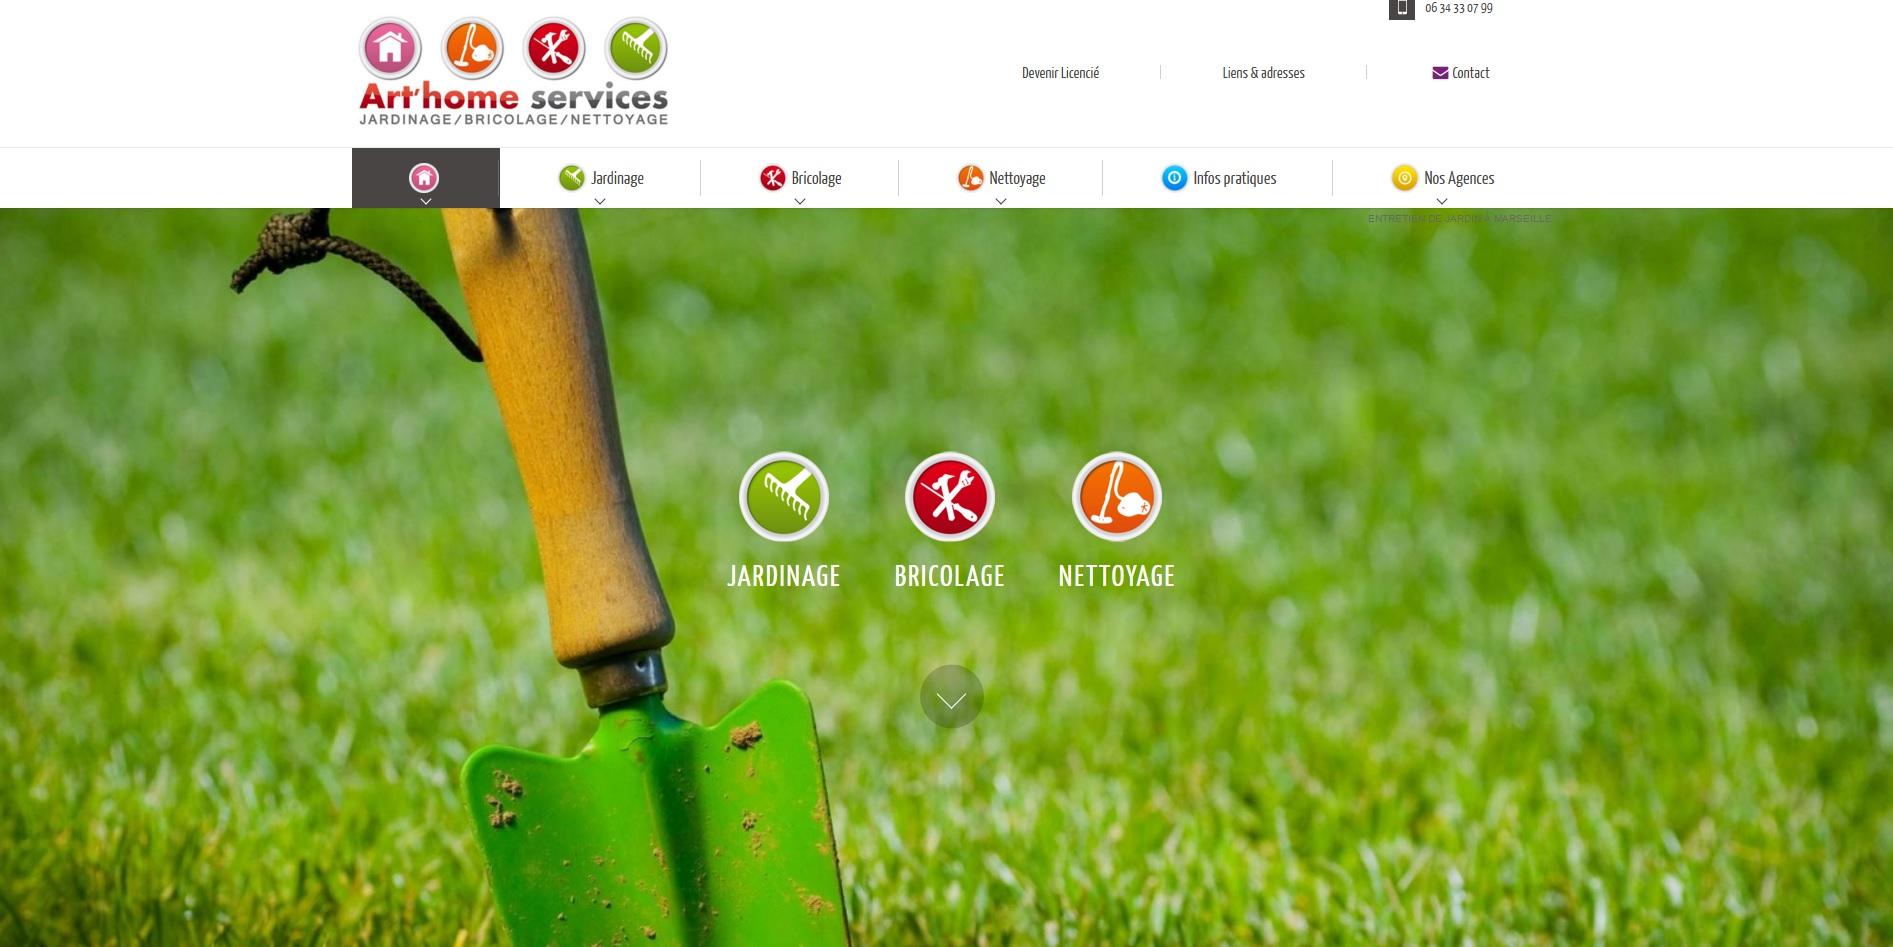 Entreprise de jardinage bricolage et nettoyage domicile for Entreprise de jardinage